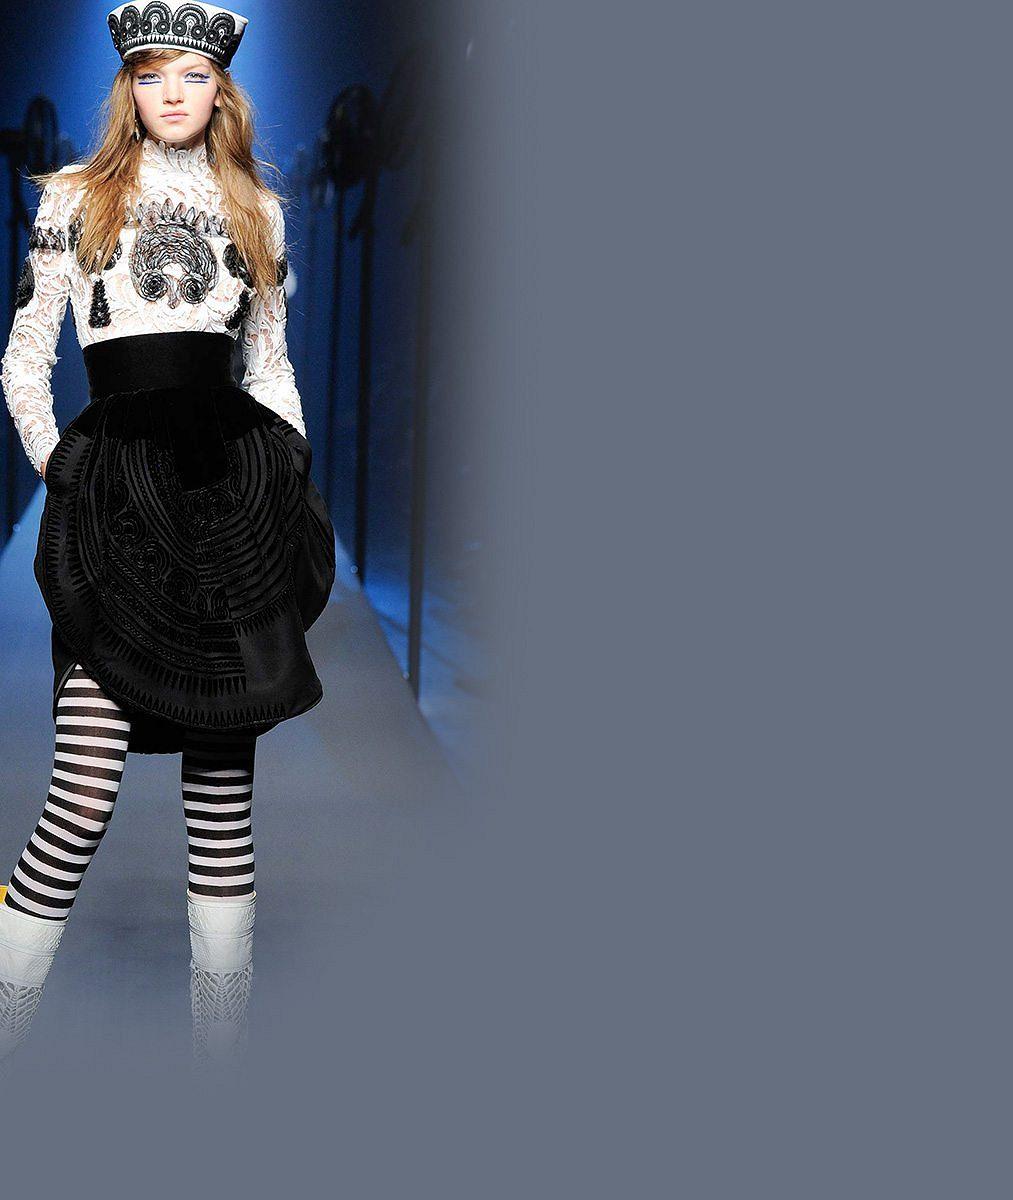 Česká Kate Moss musela kvůli modelingu přerušit školu. Zdá se, že se jí to vyplácí